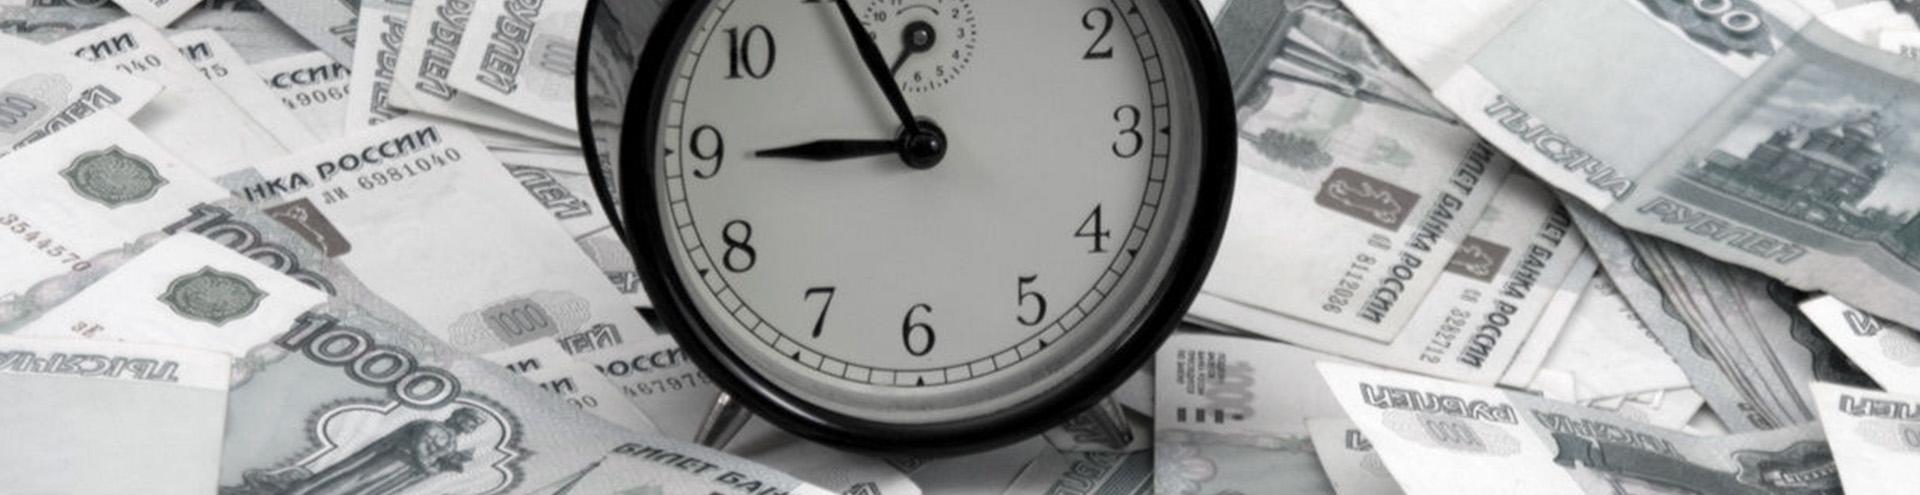 судебное взыскание долгов в Пензе и Пензенской области